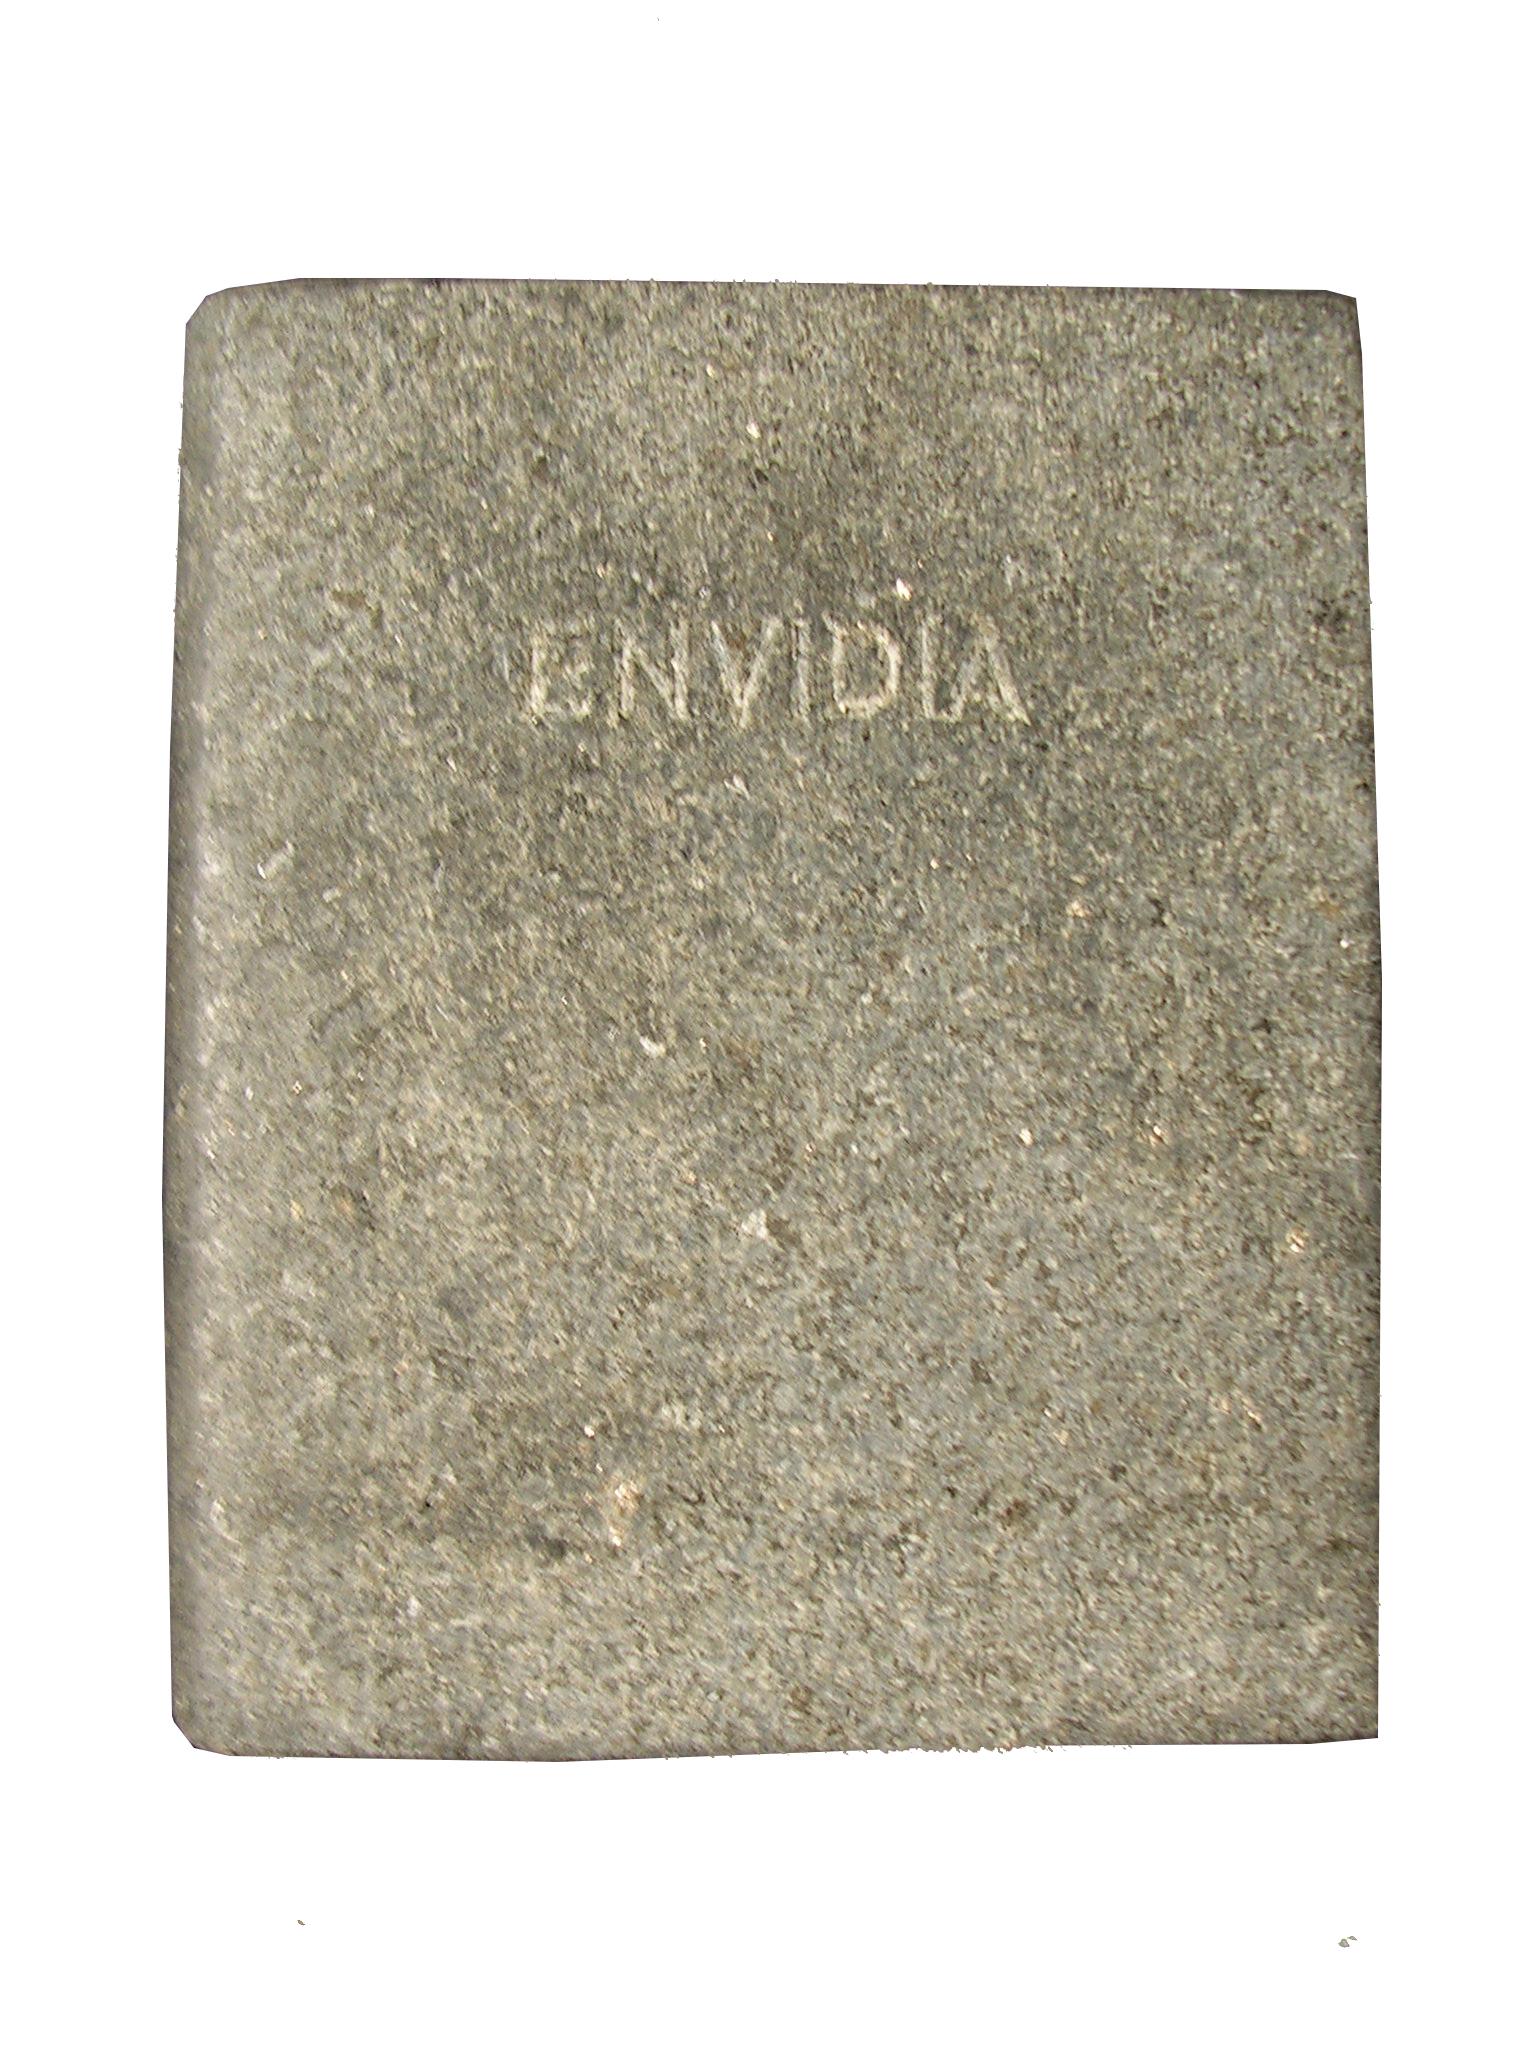 Envidia Los siete pecados capitales libro en mármol negro brasil 18x3x15cm 1984